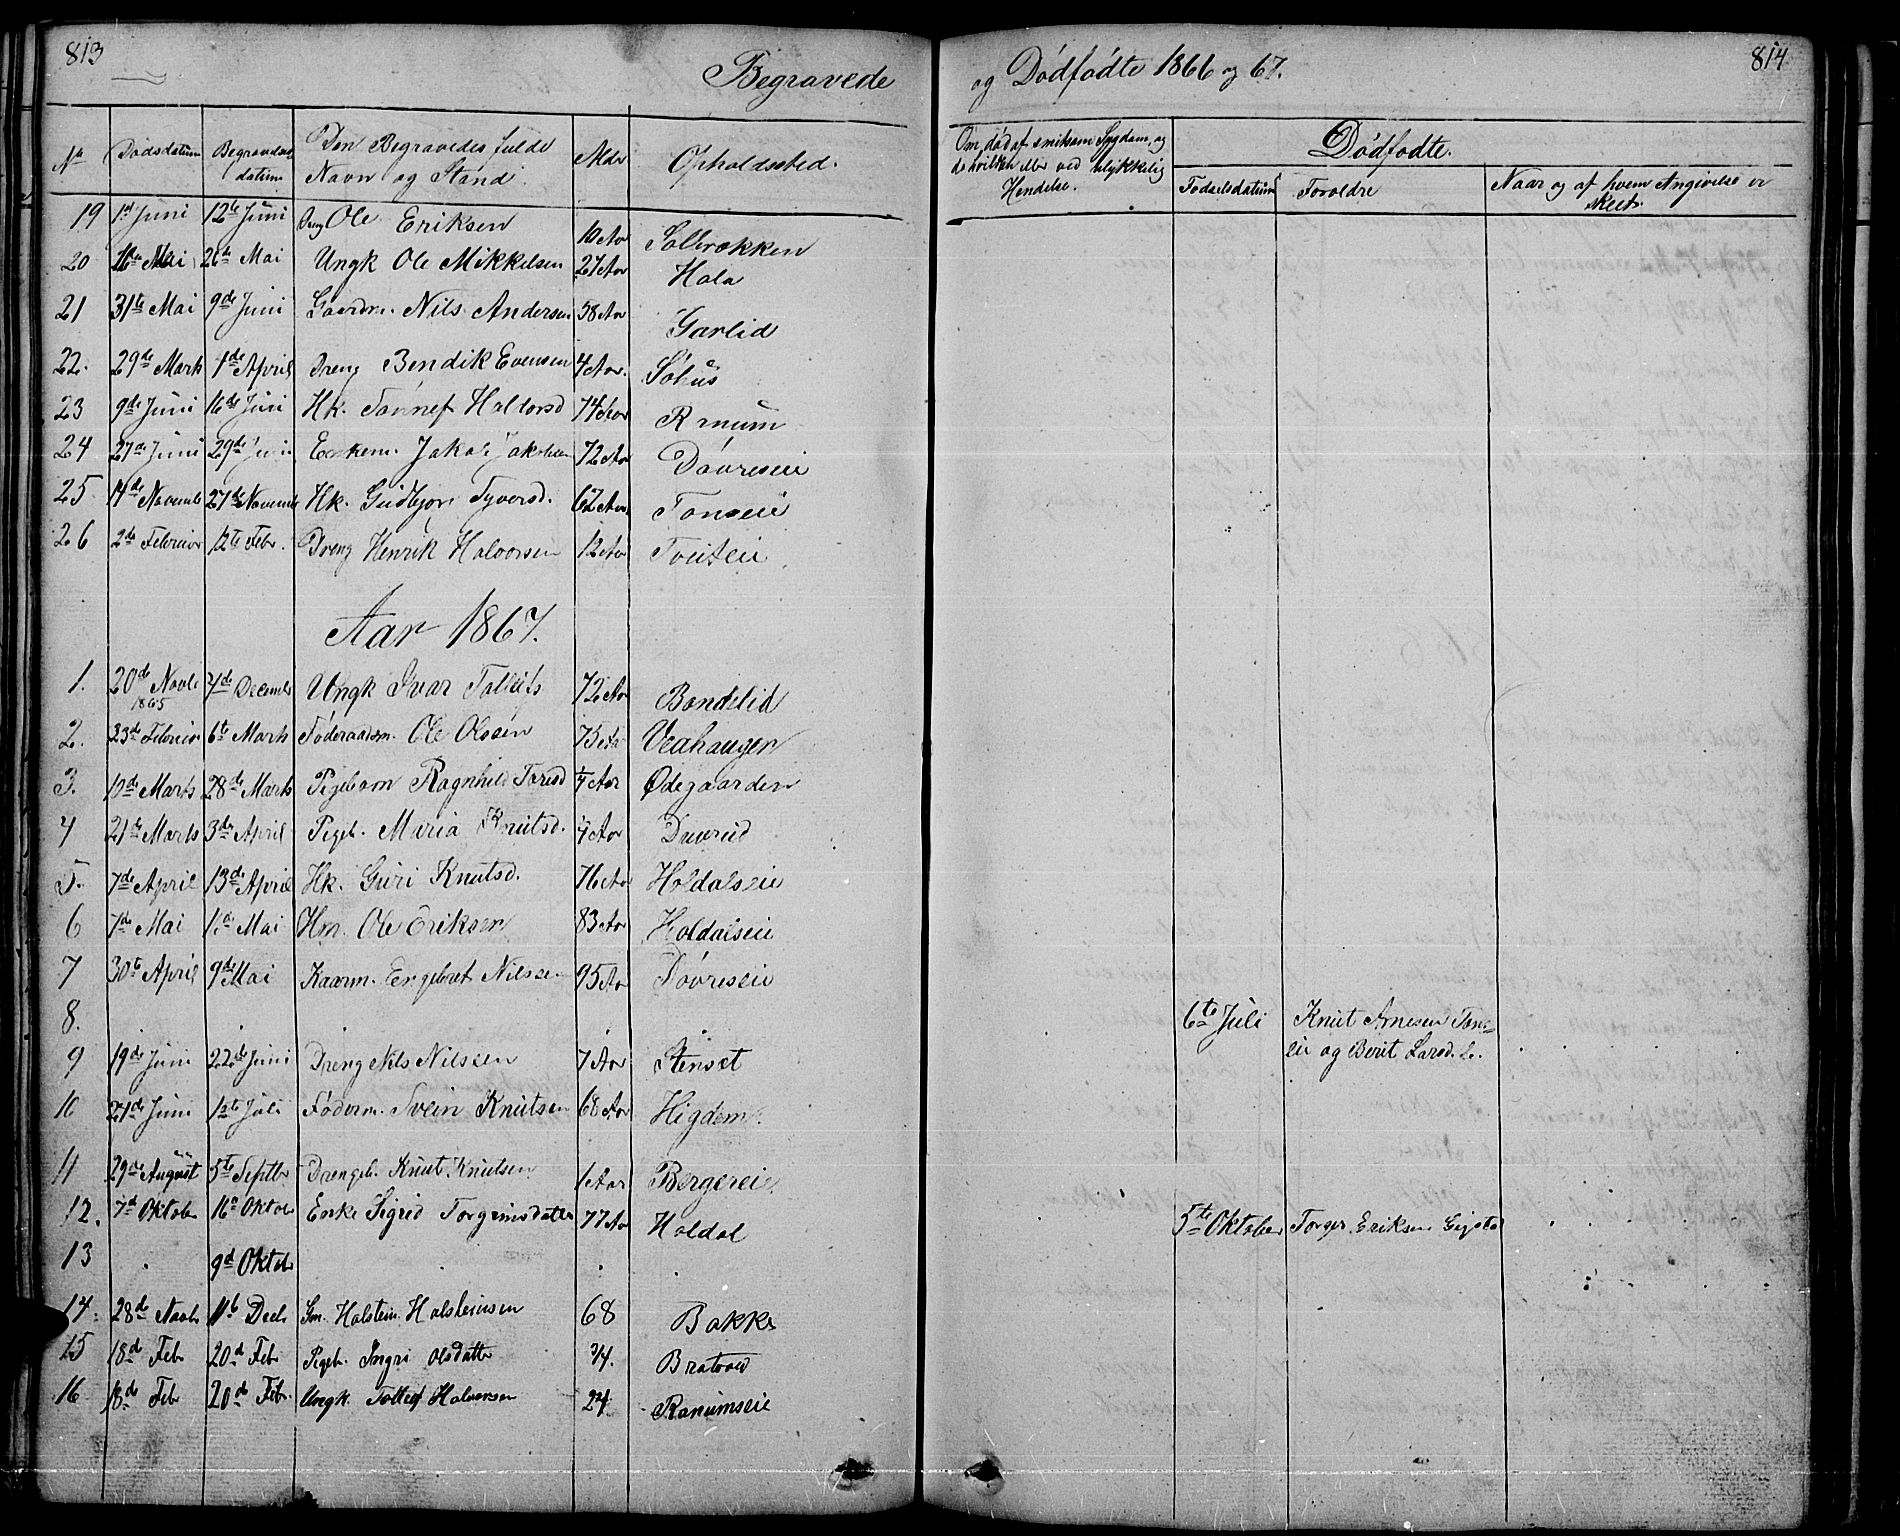 SAH, Nord-Aurdal prestekontor, Klokkerbok nr. 1, 1834-1887, s. 813-814